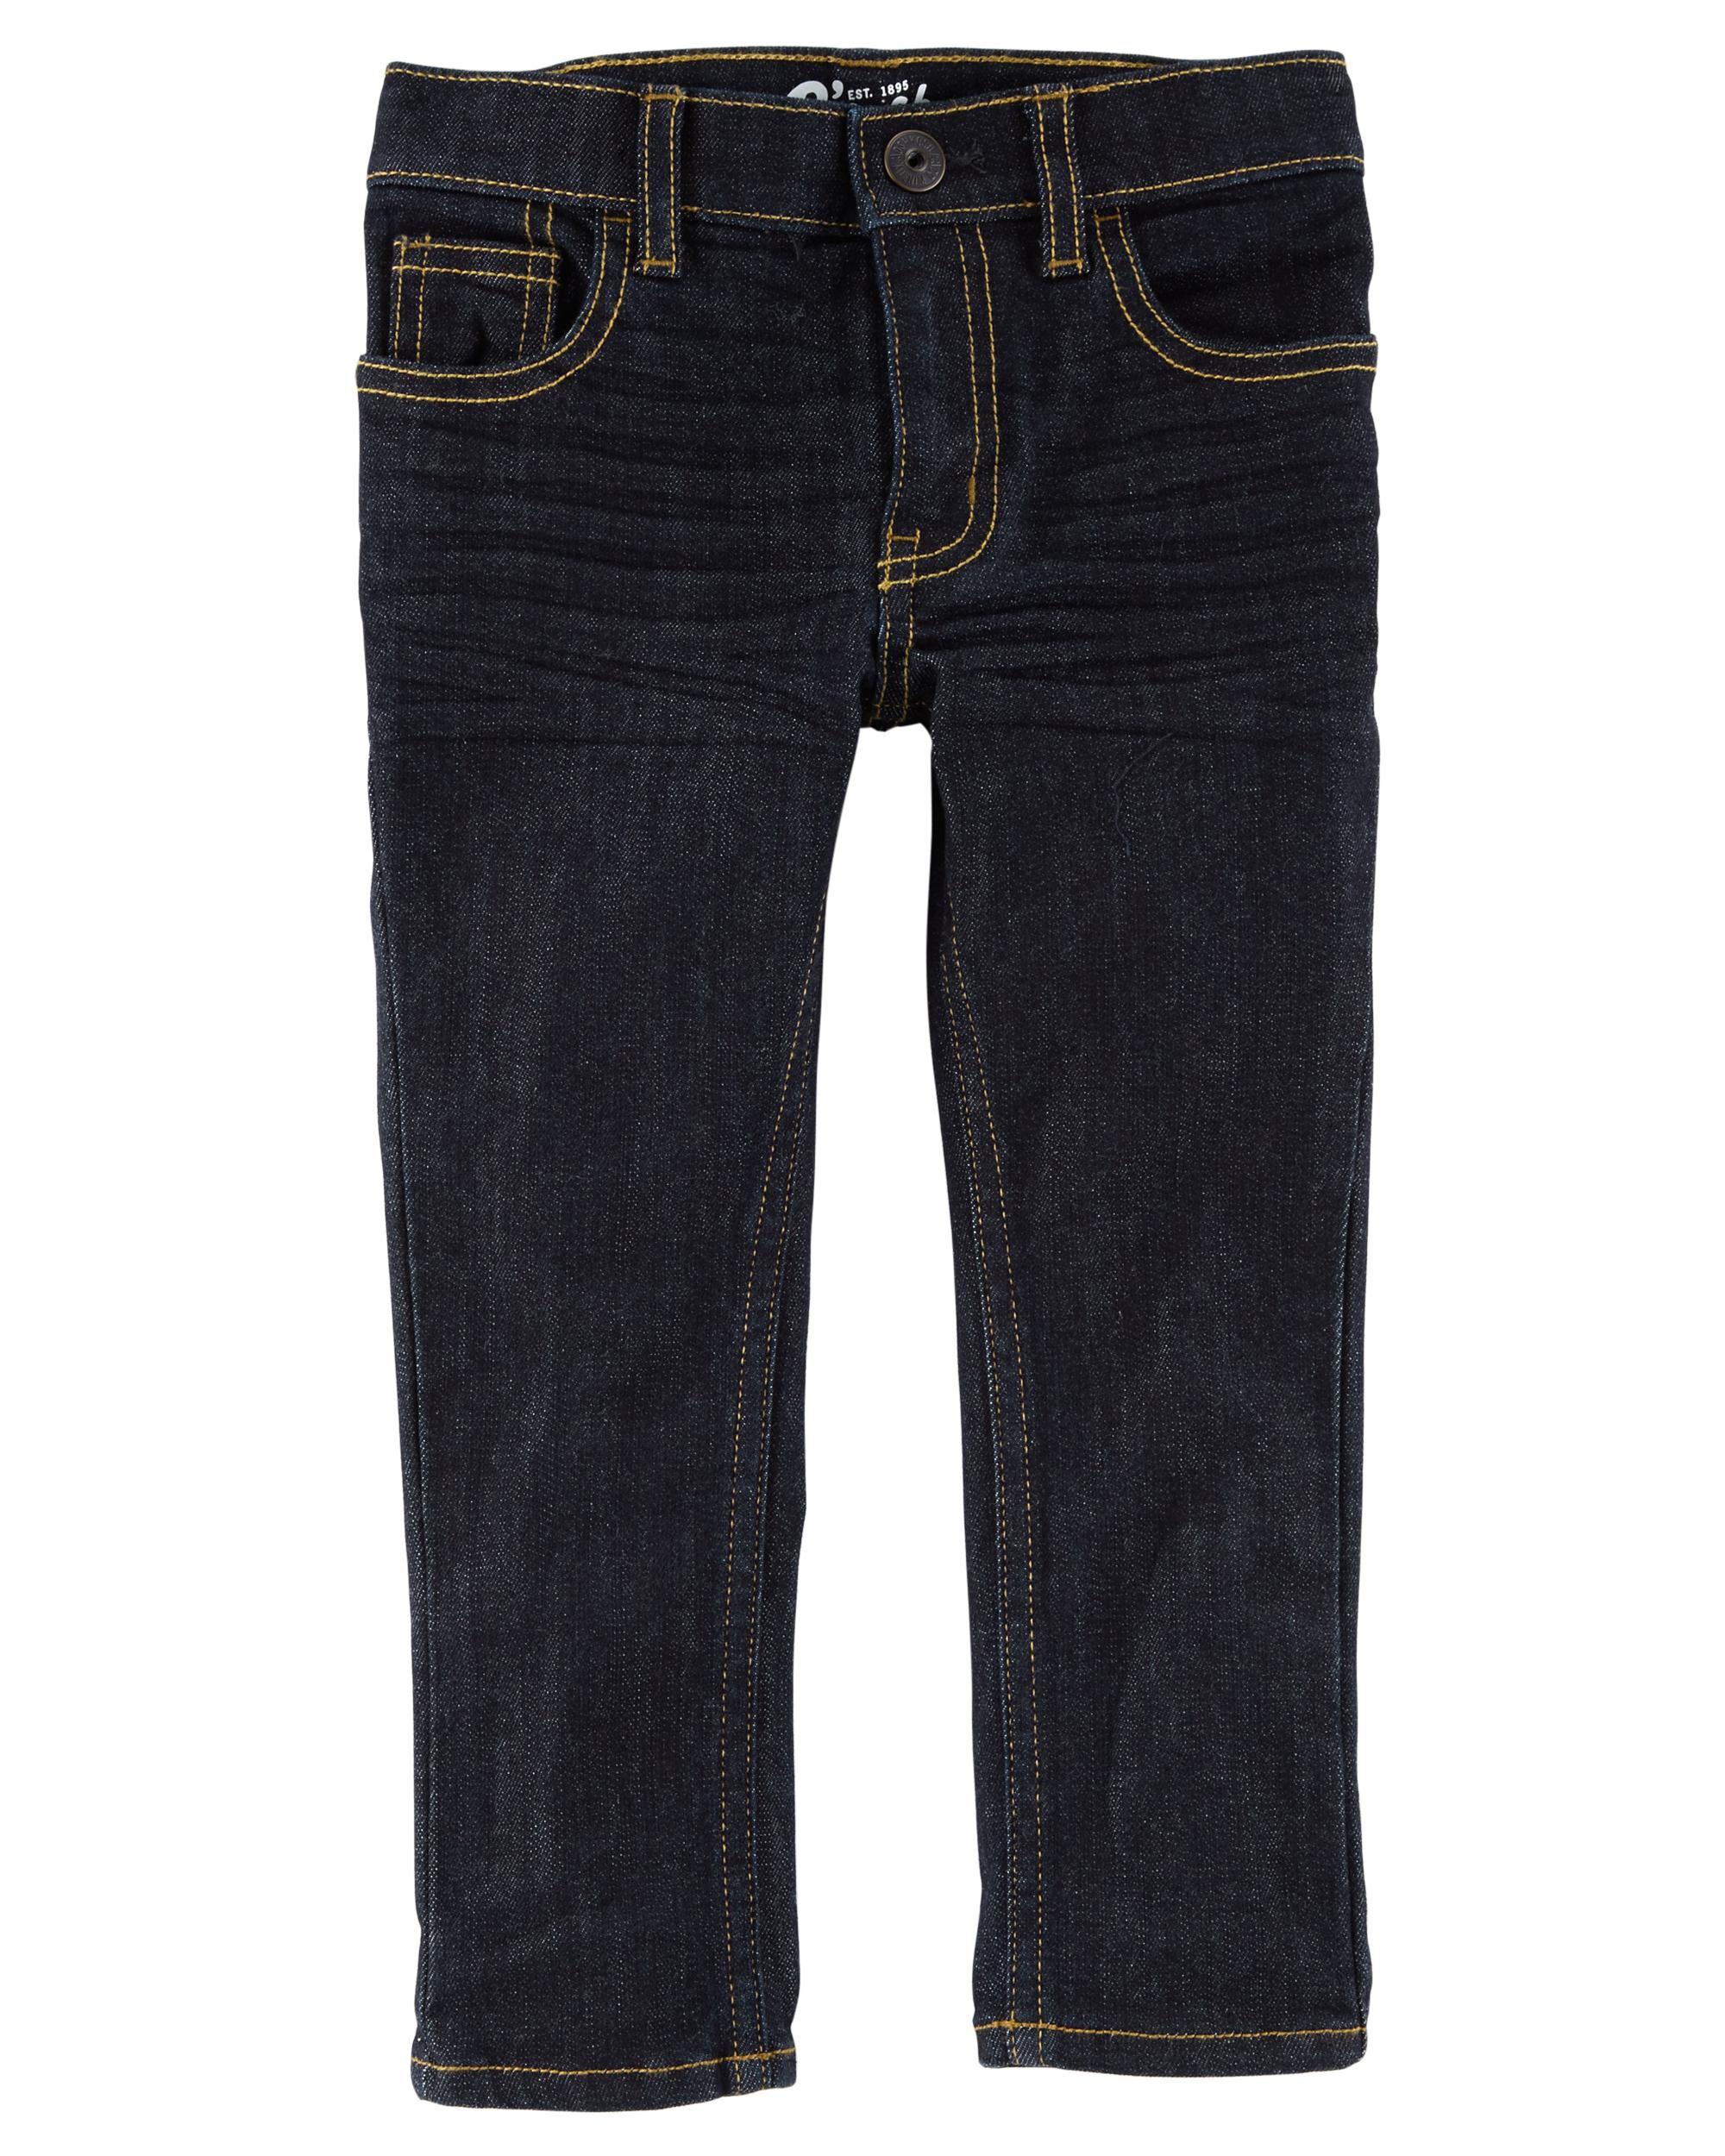 *DOORBUSTER* Skinny Jeans - True Rinse Wash